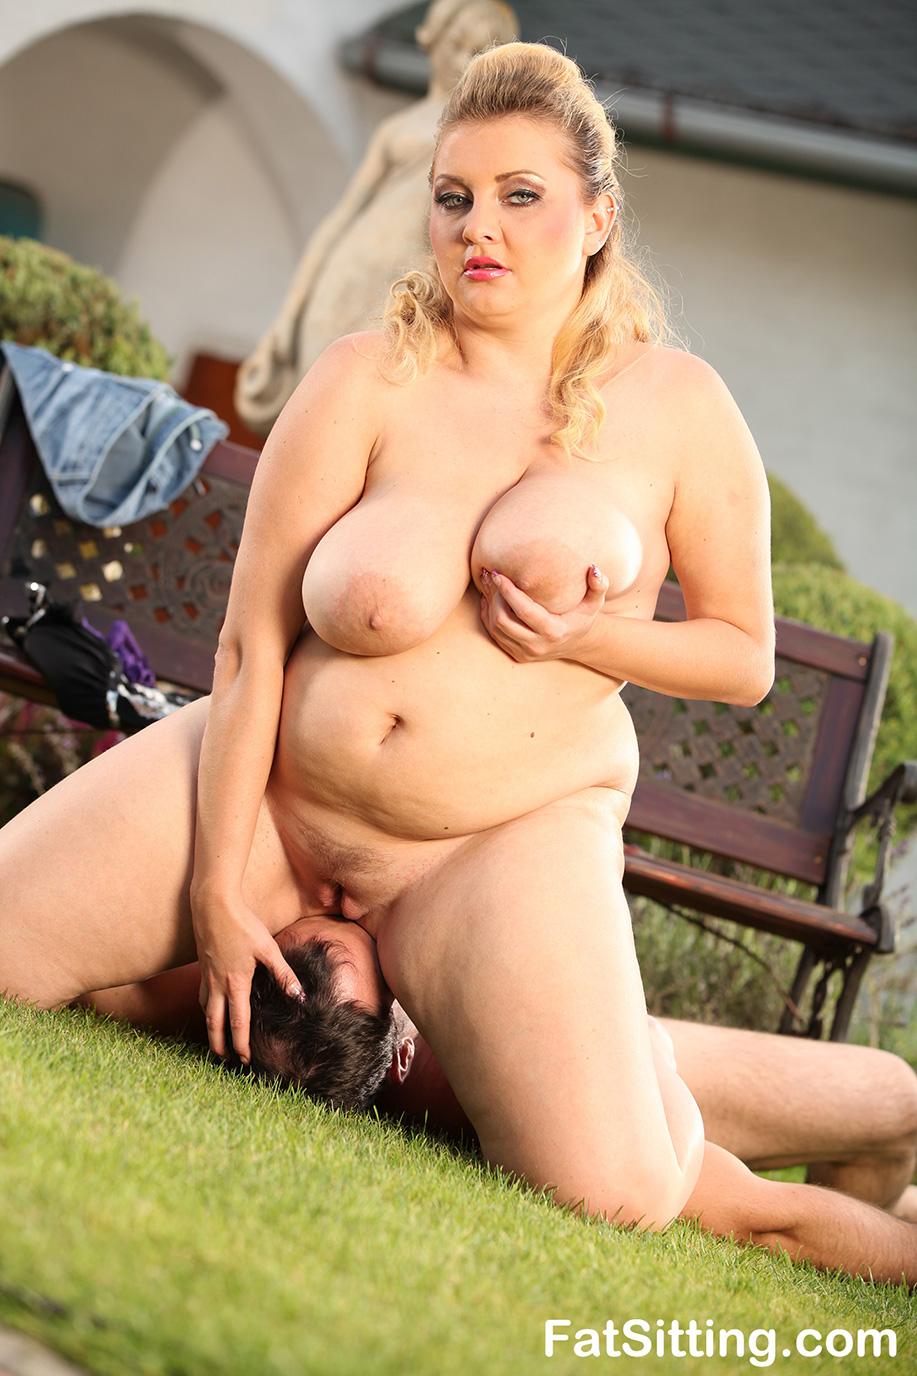 amateur hardcore uk porn pics